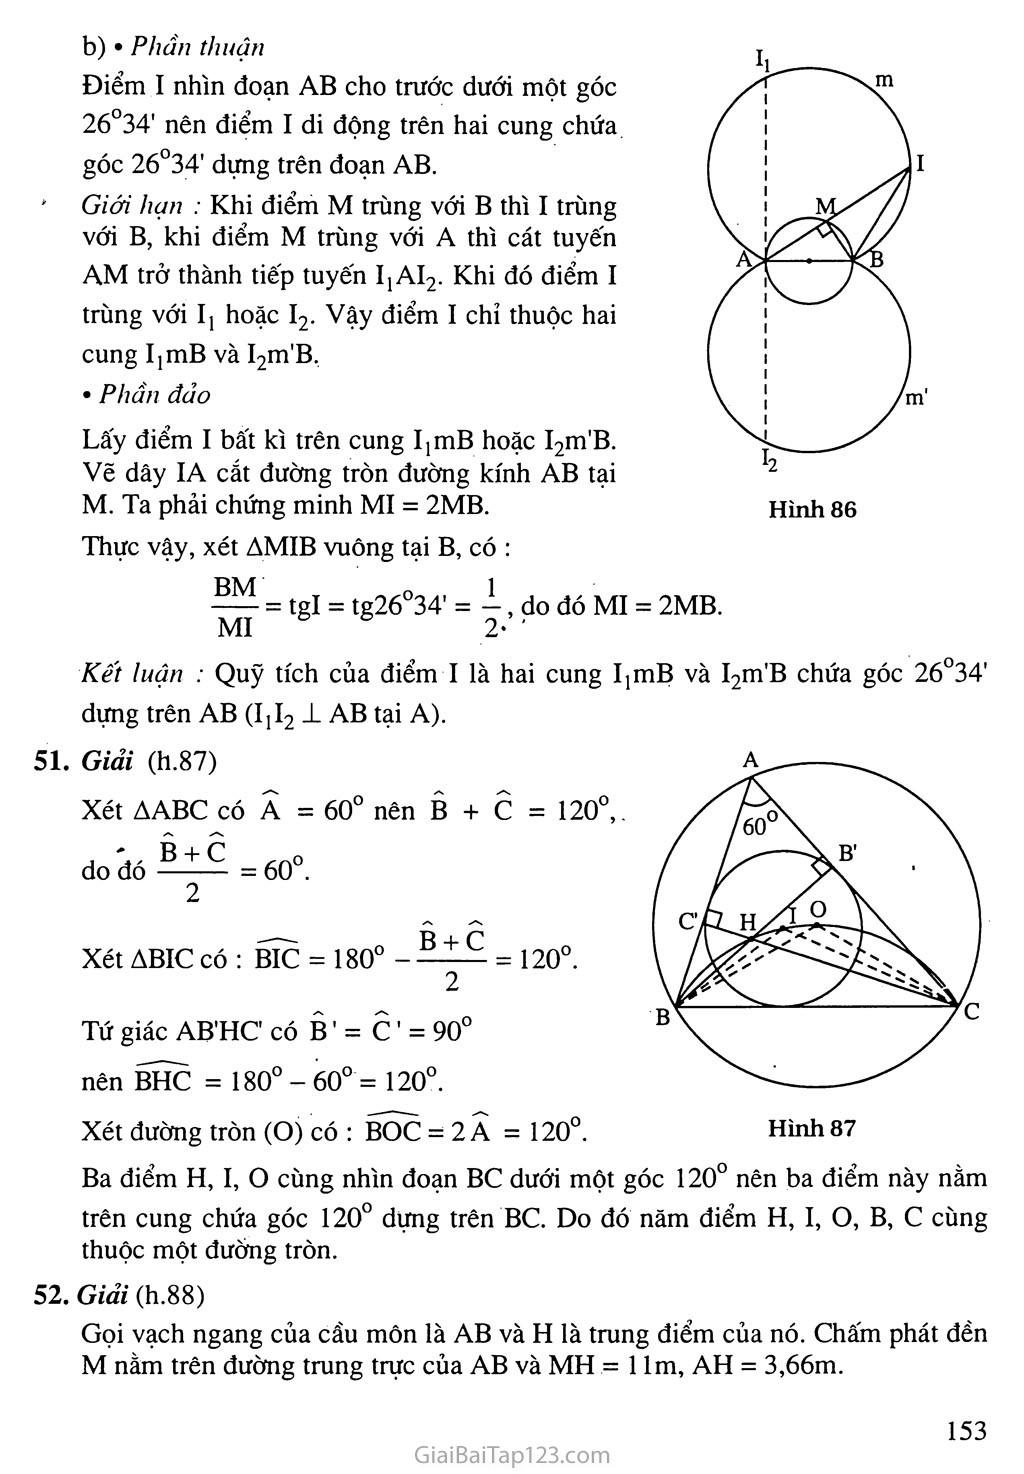 Bài 6. Cung chứa góc trang 6